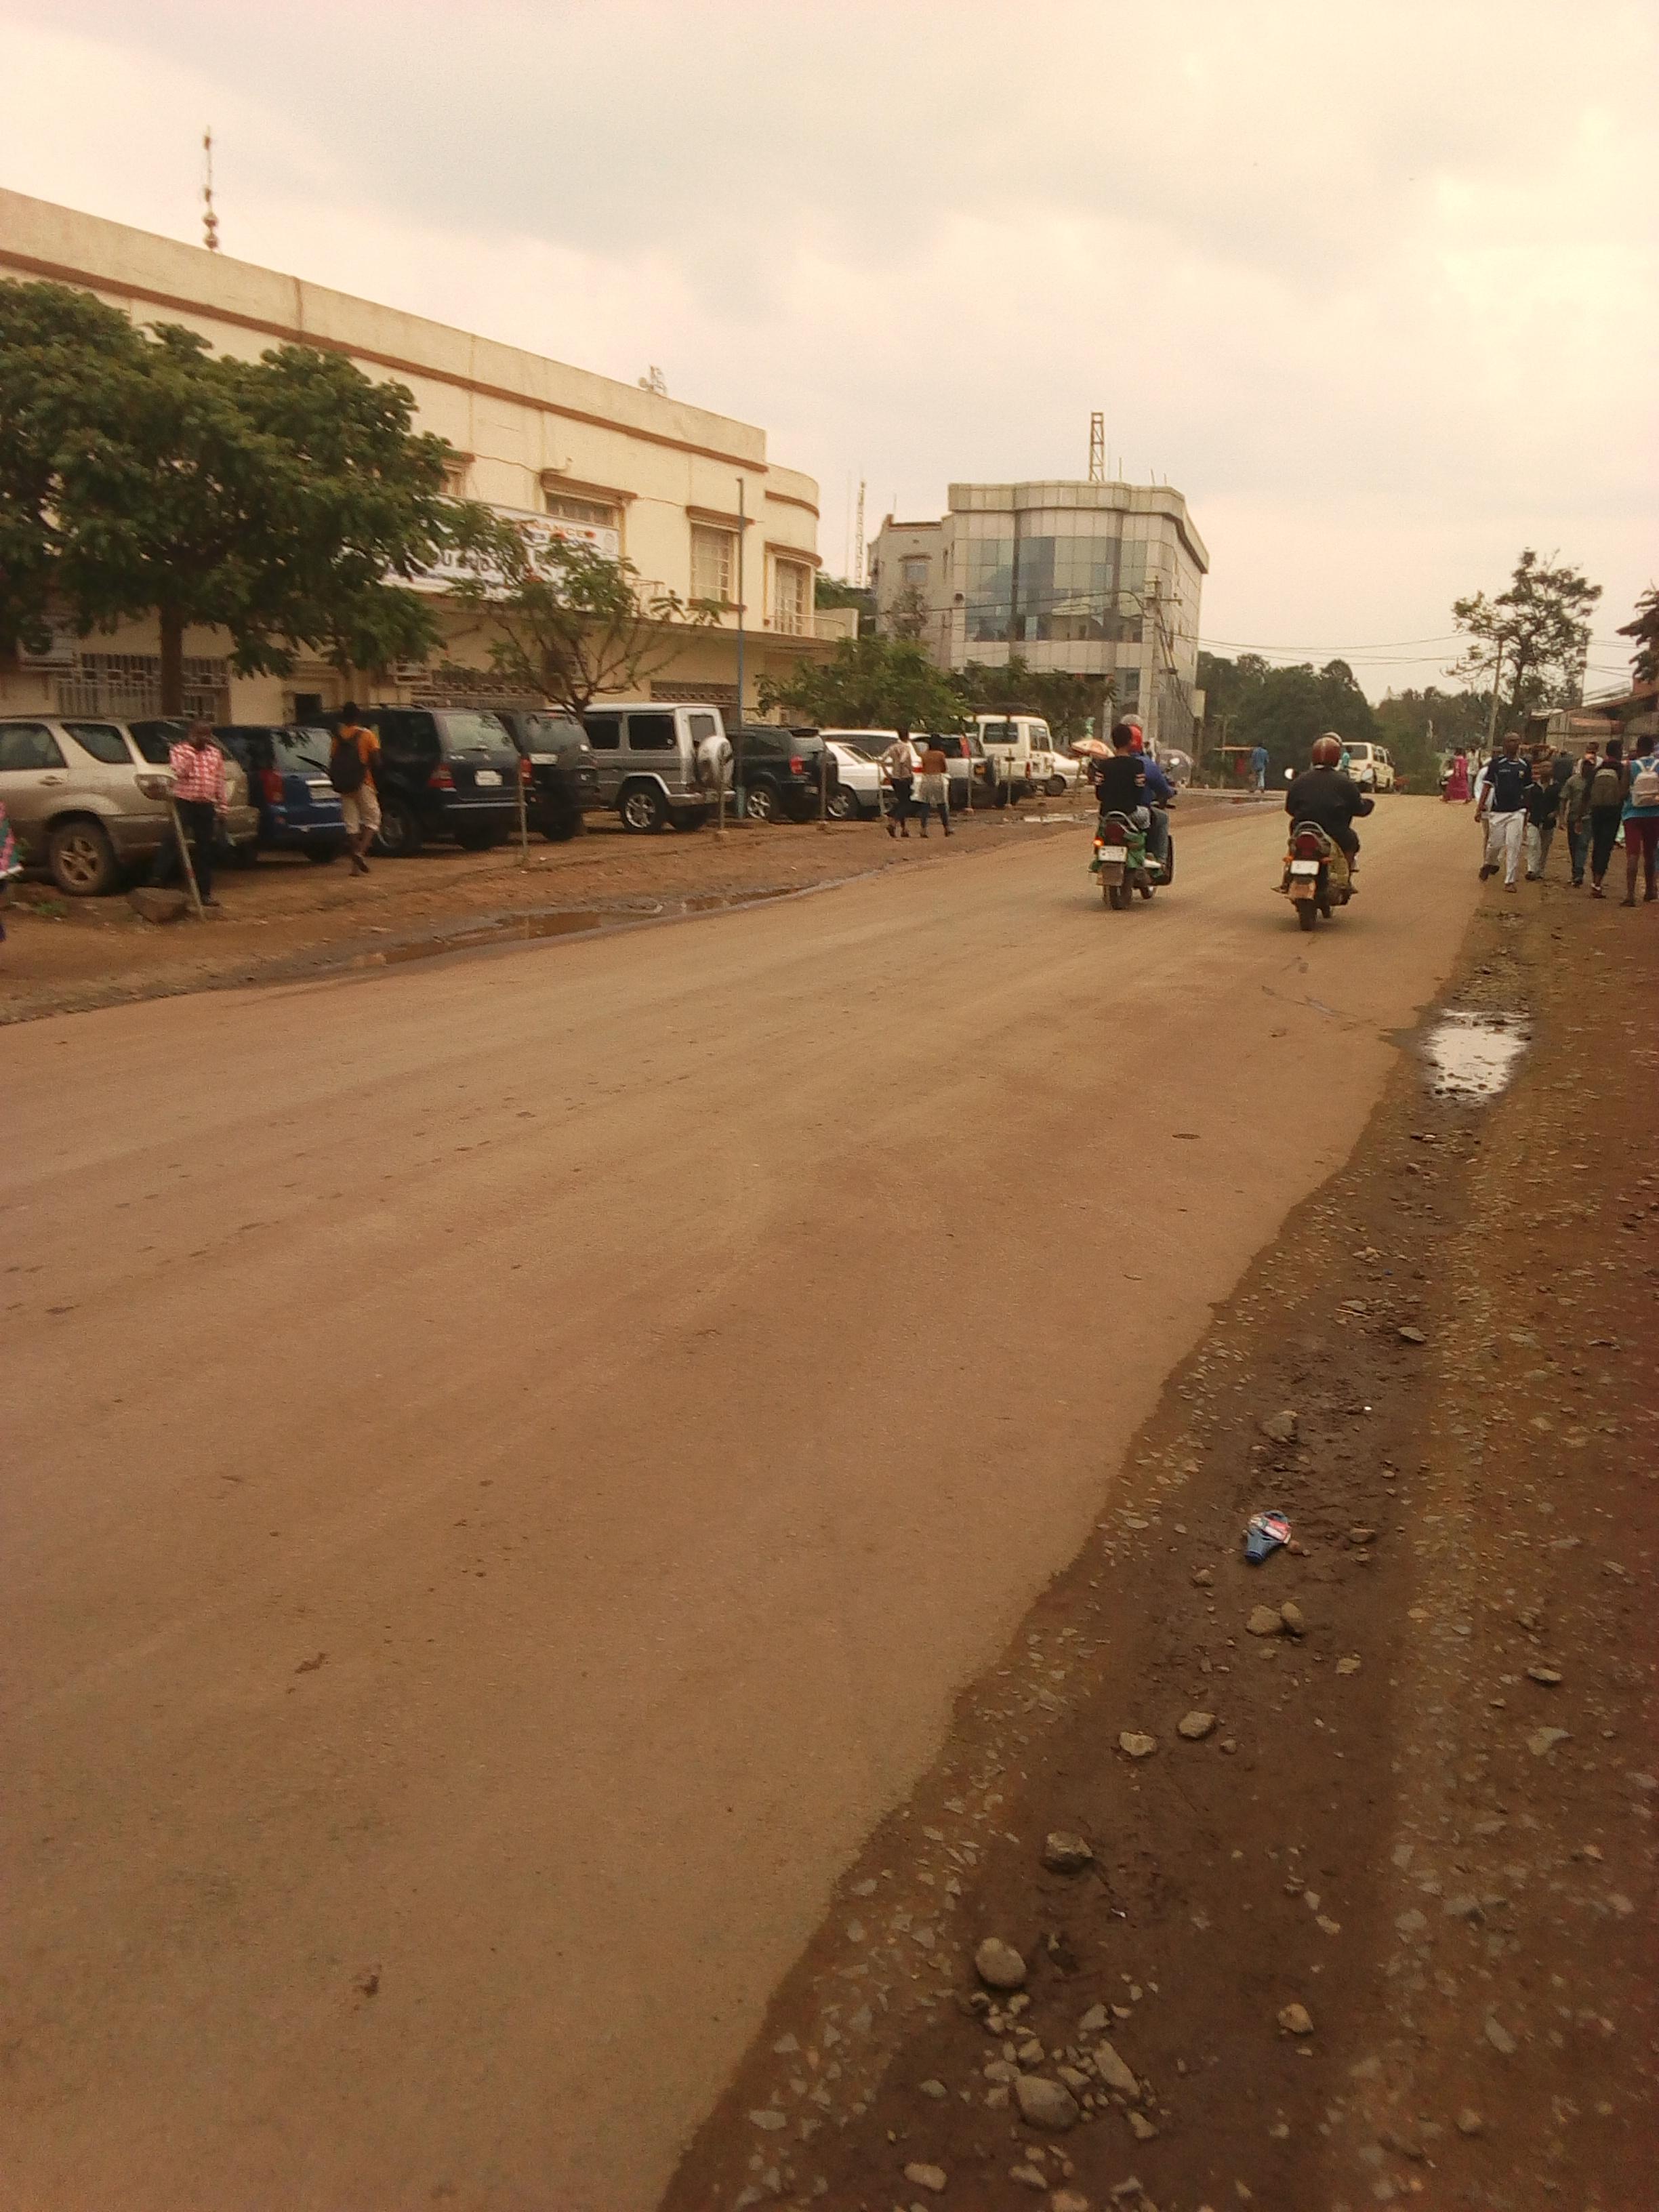 Bukavu: Il n'est pas exclu que certains combattants de l'UDPS prennent part à cette marche de l'Opposition (militant udps)